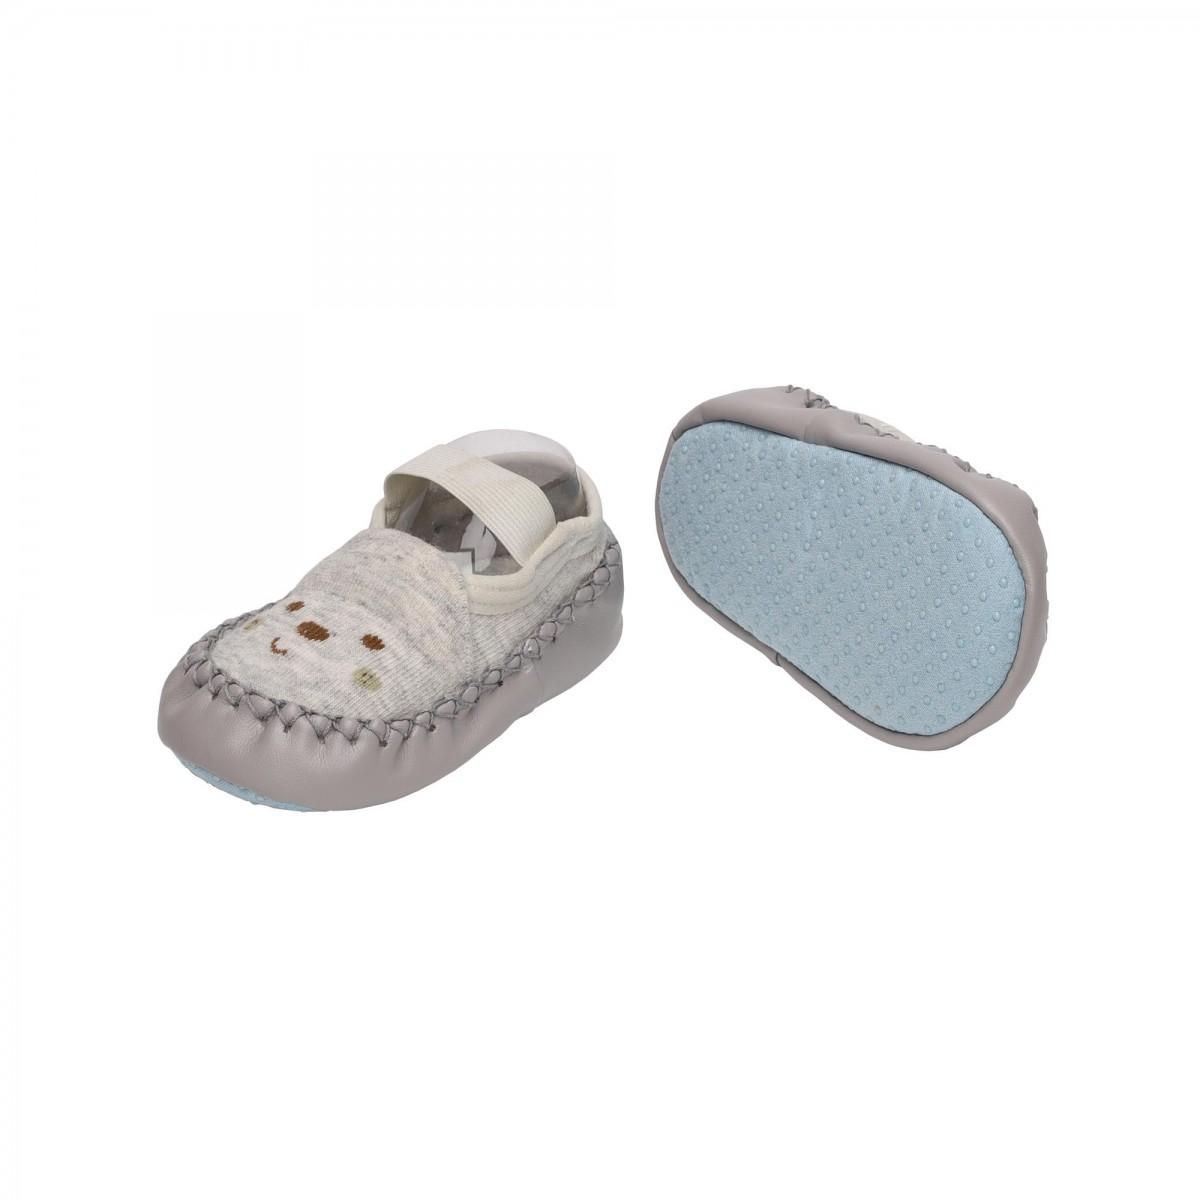 Happy Feet Grey & Blue Slip On Booties - 2 Pack